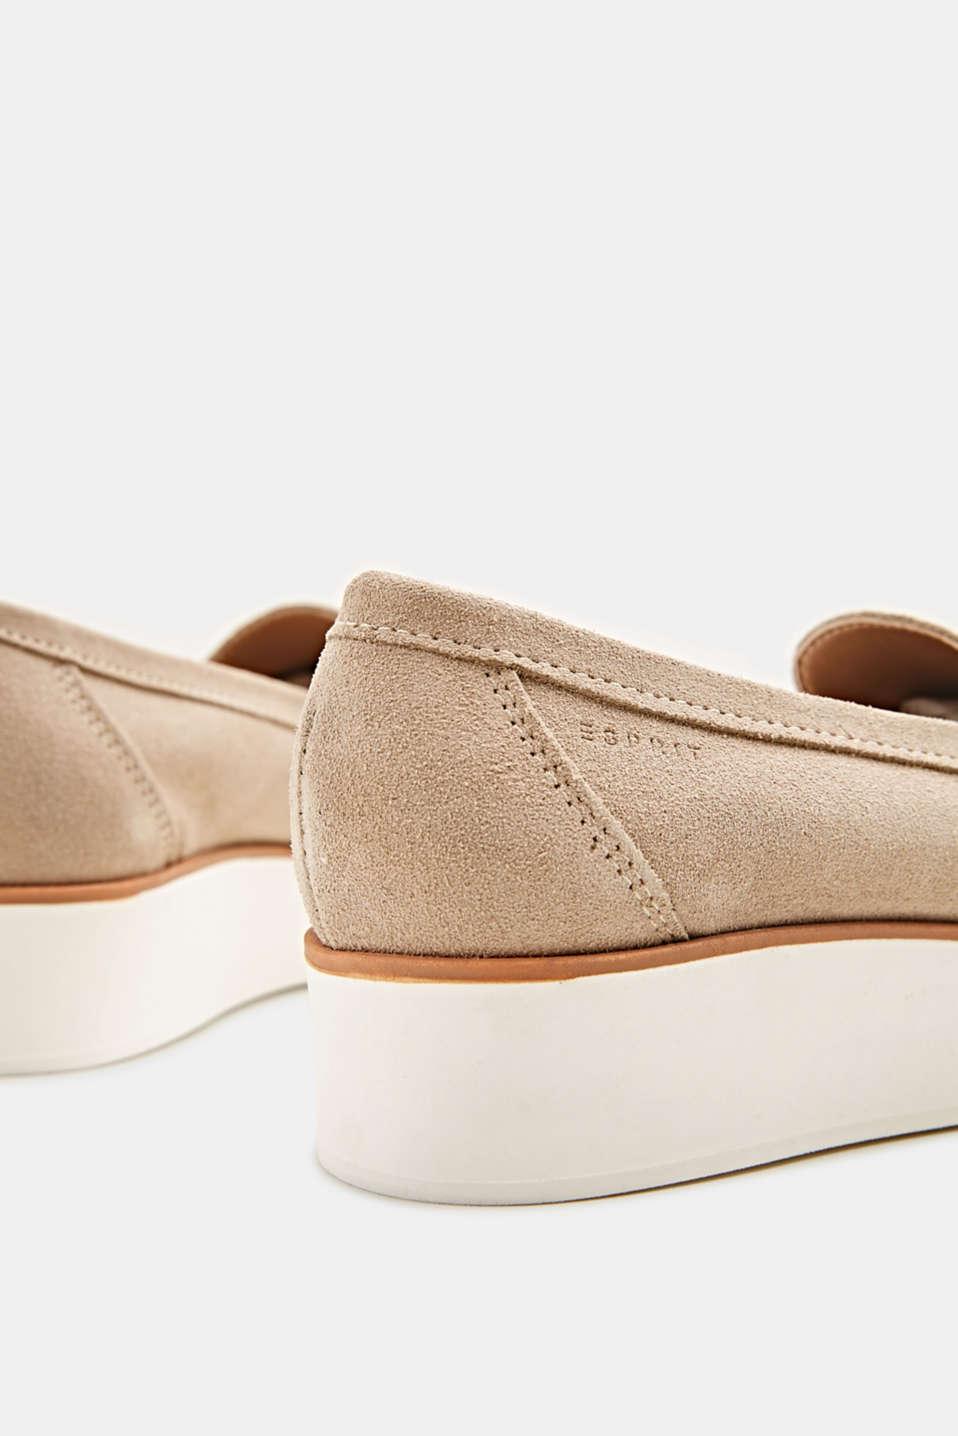 Platform suede loafers, BEIGE, detail image number 4